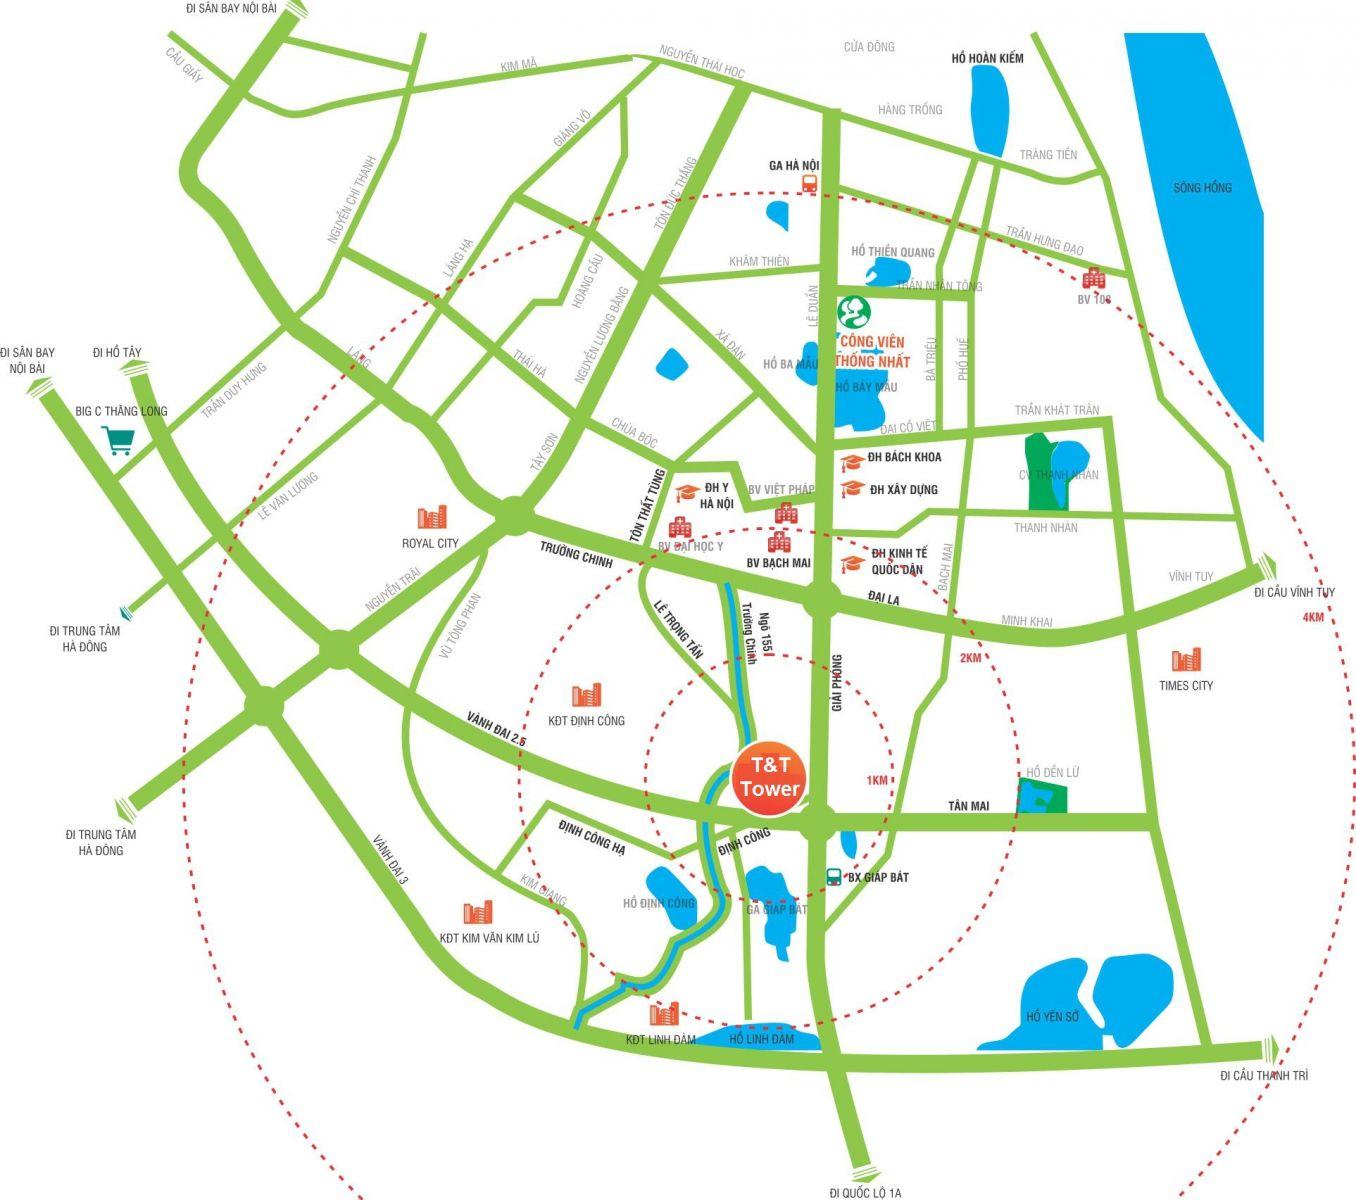 Dự án 120 Định Công sở hữu Vị trí Vàng đắc địa mặt đường vành đai 2.5